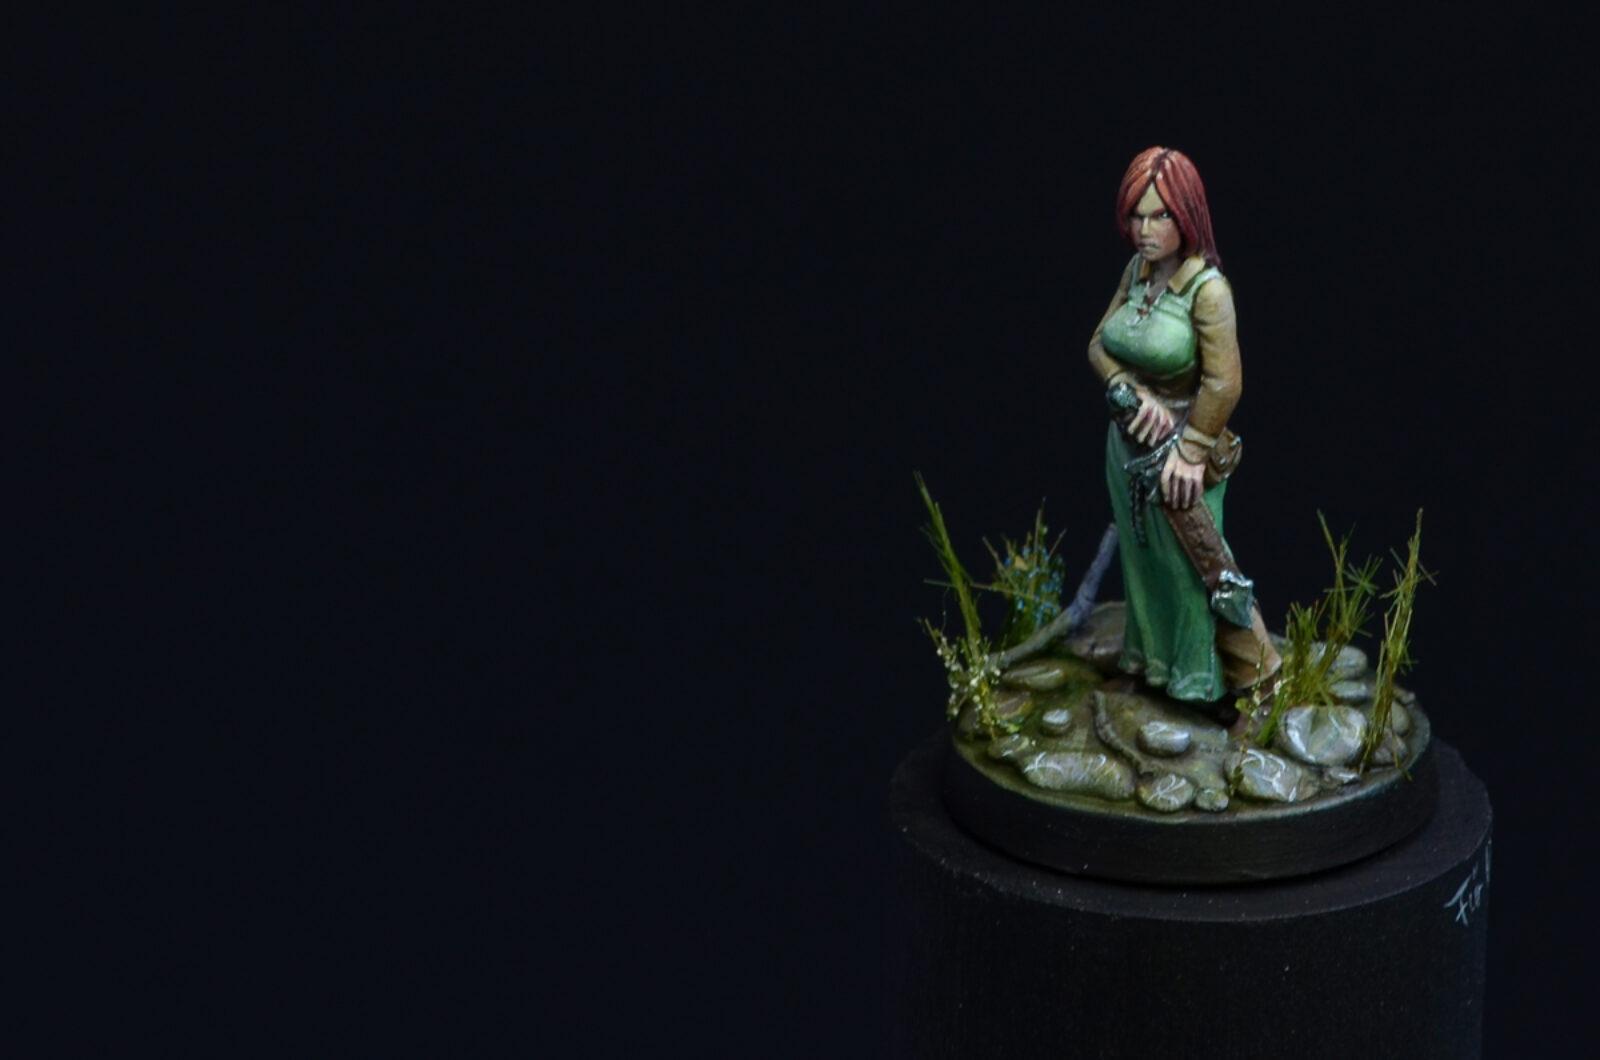 Alicia01